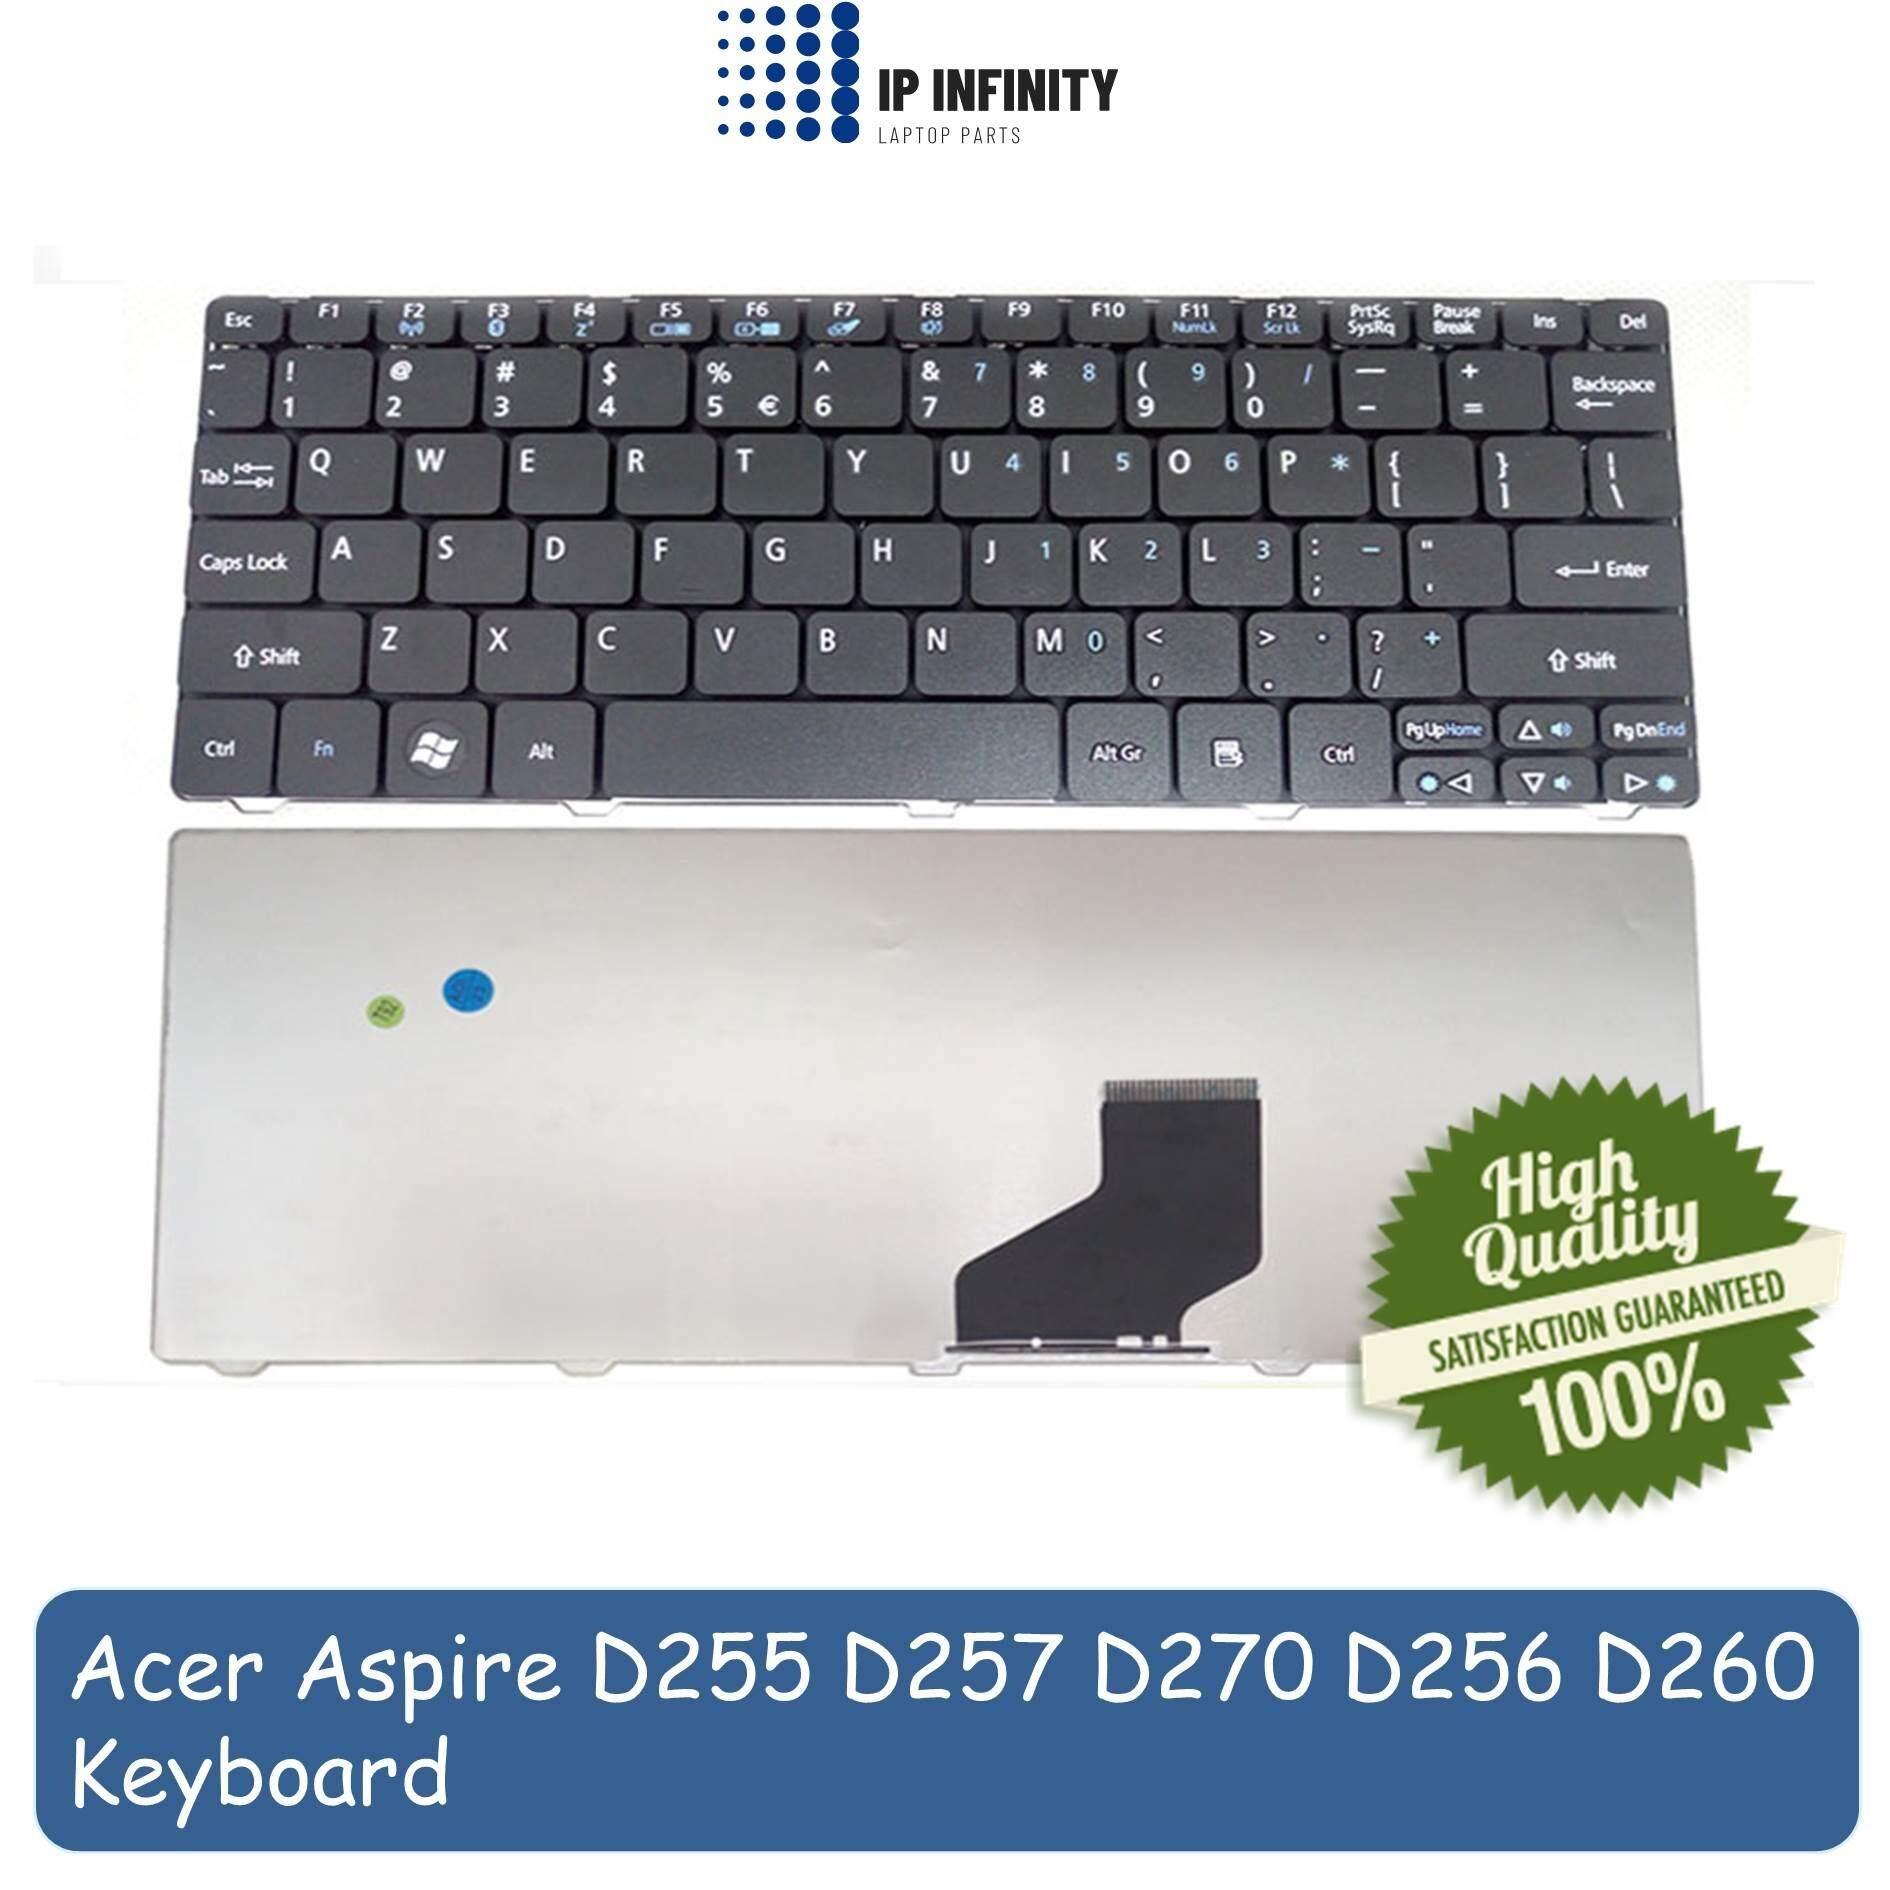 Acer Keyboard Notebook Aspire One D260 Hitam Daftar Update Harga Laptop 721 722 753 Series 532 D255 D255e D257 D270